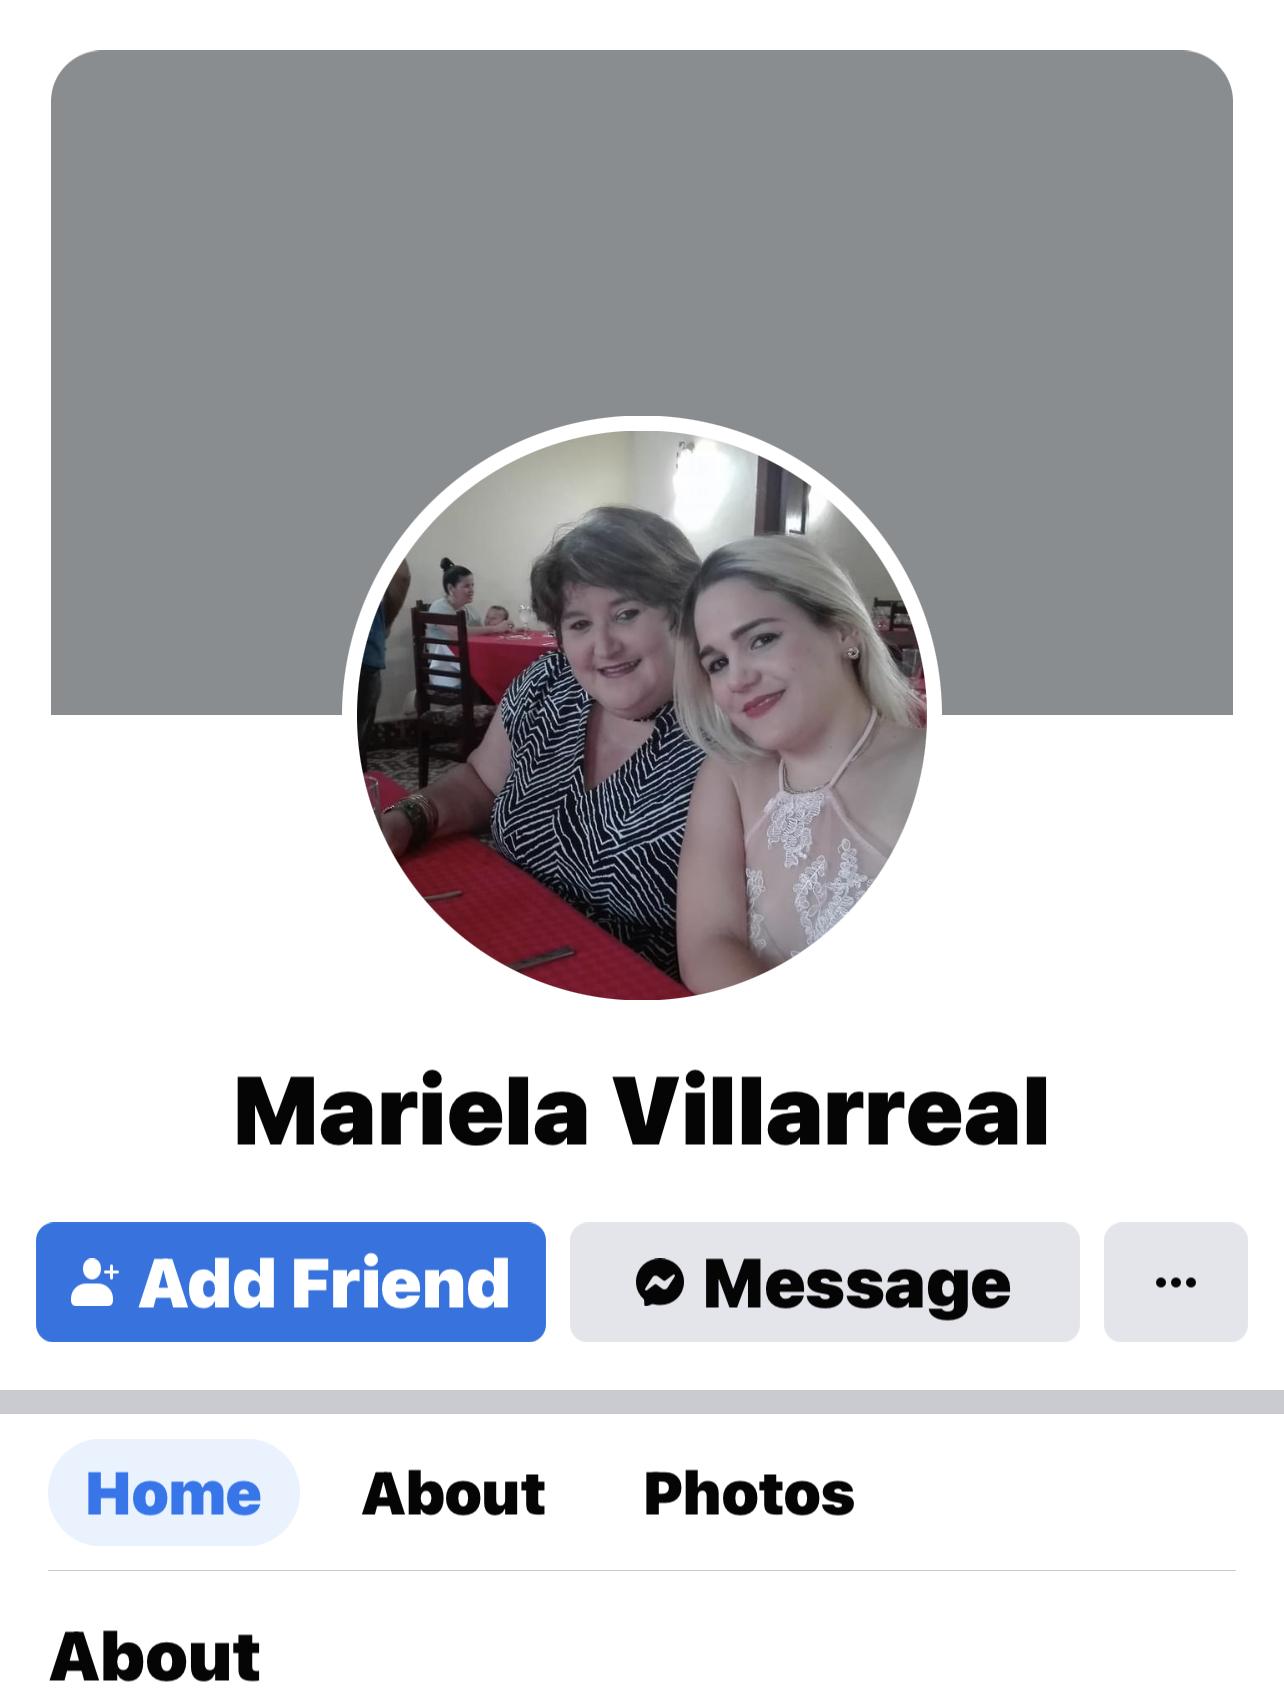 Mariela Villarreal